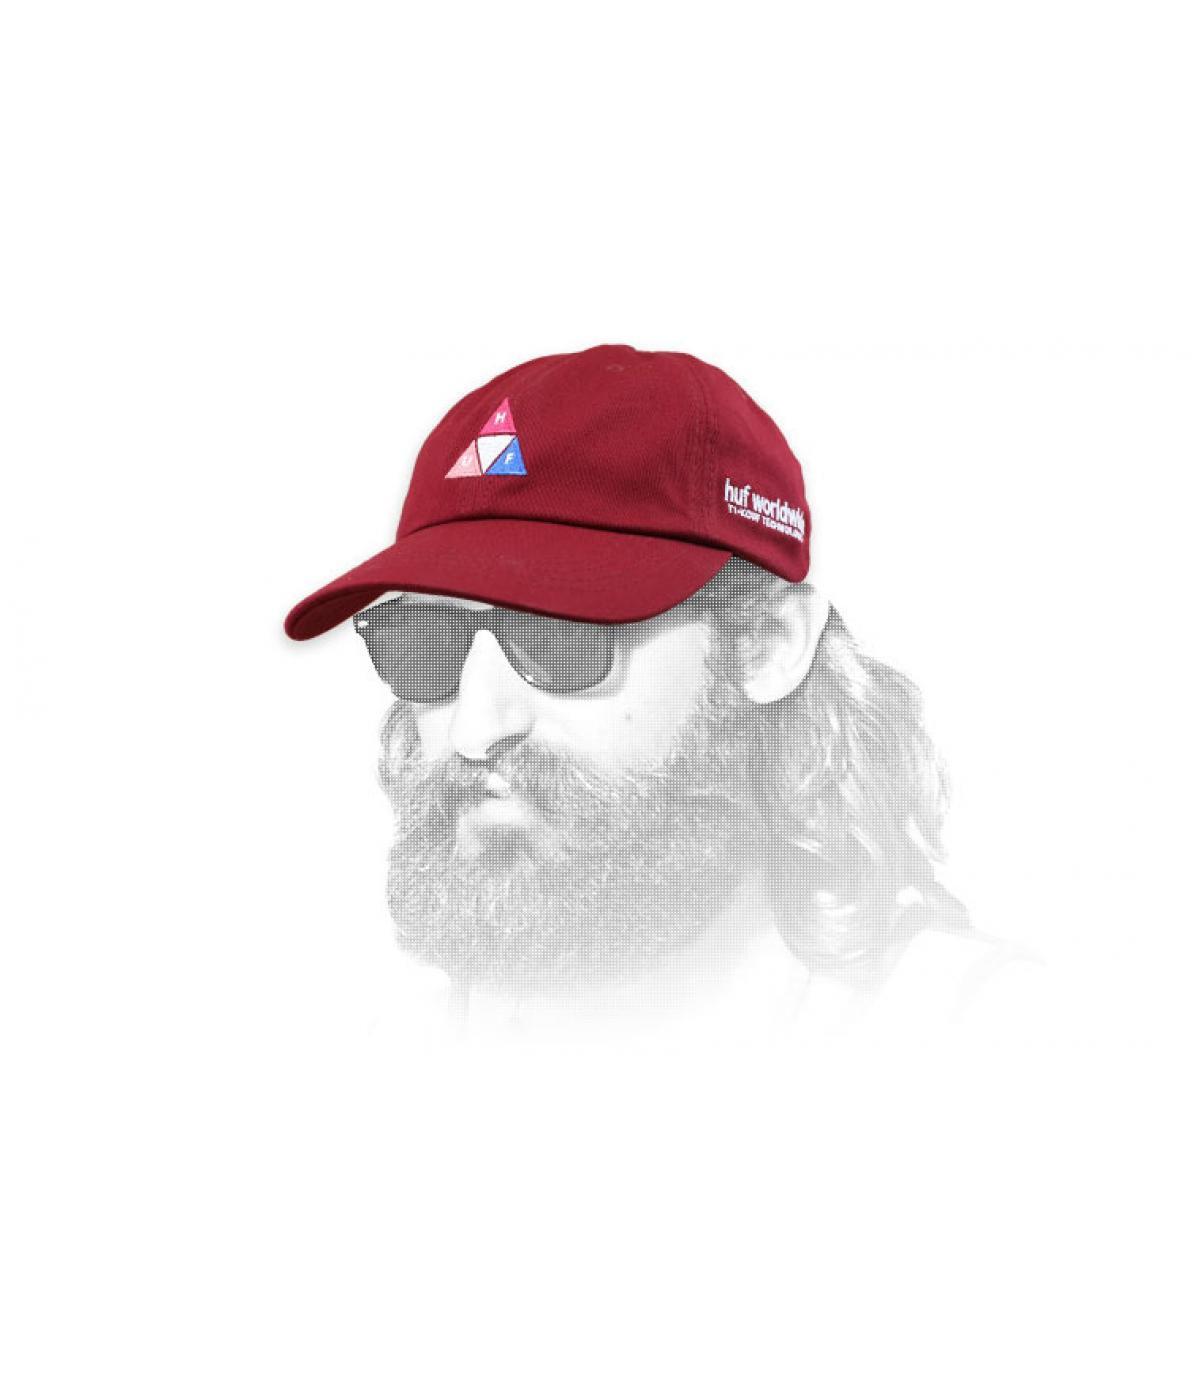 Cappello triangolare con logo Huf bordeaux